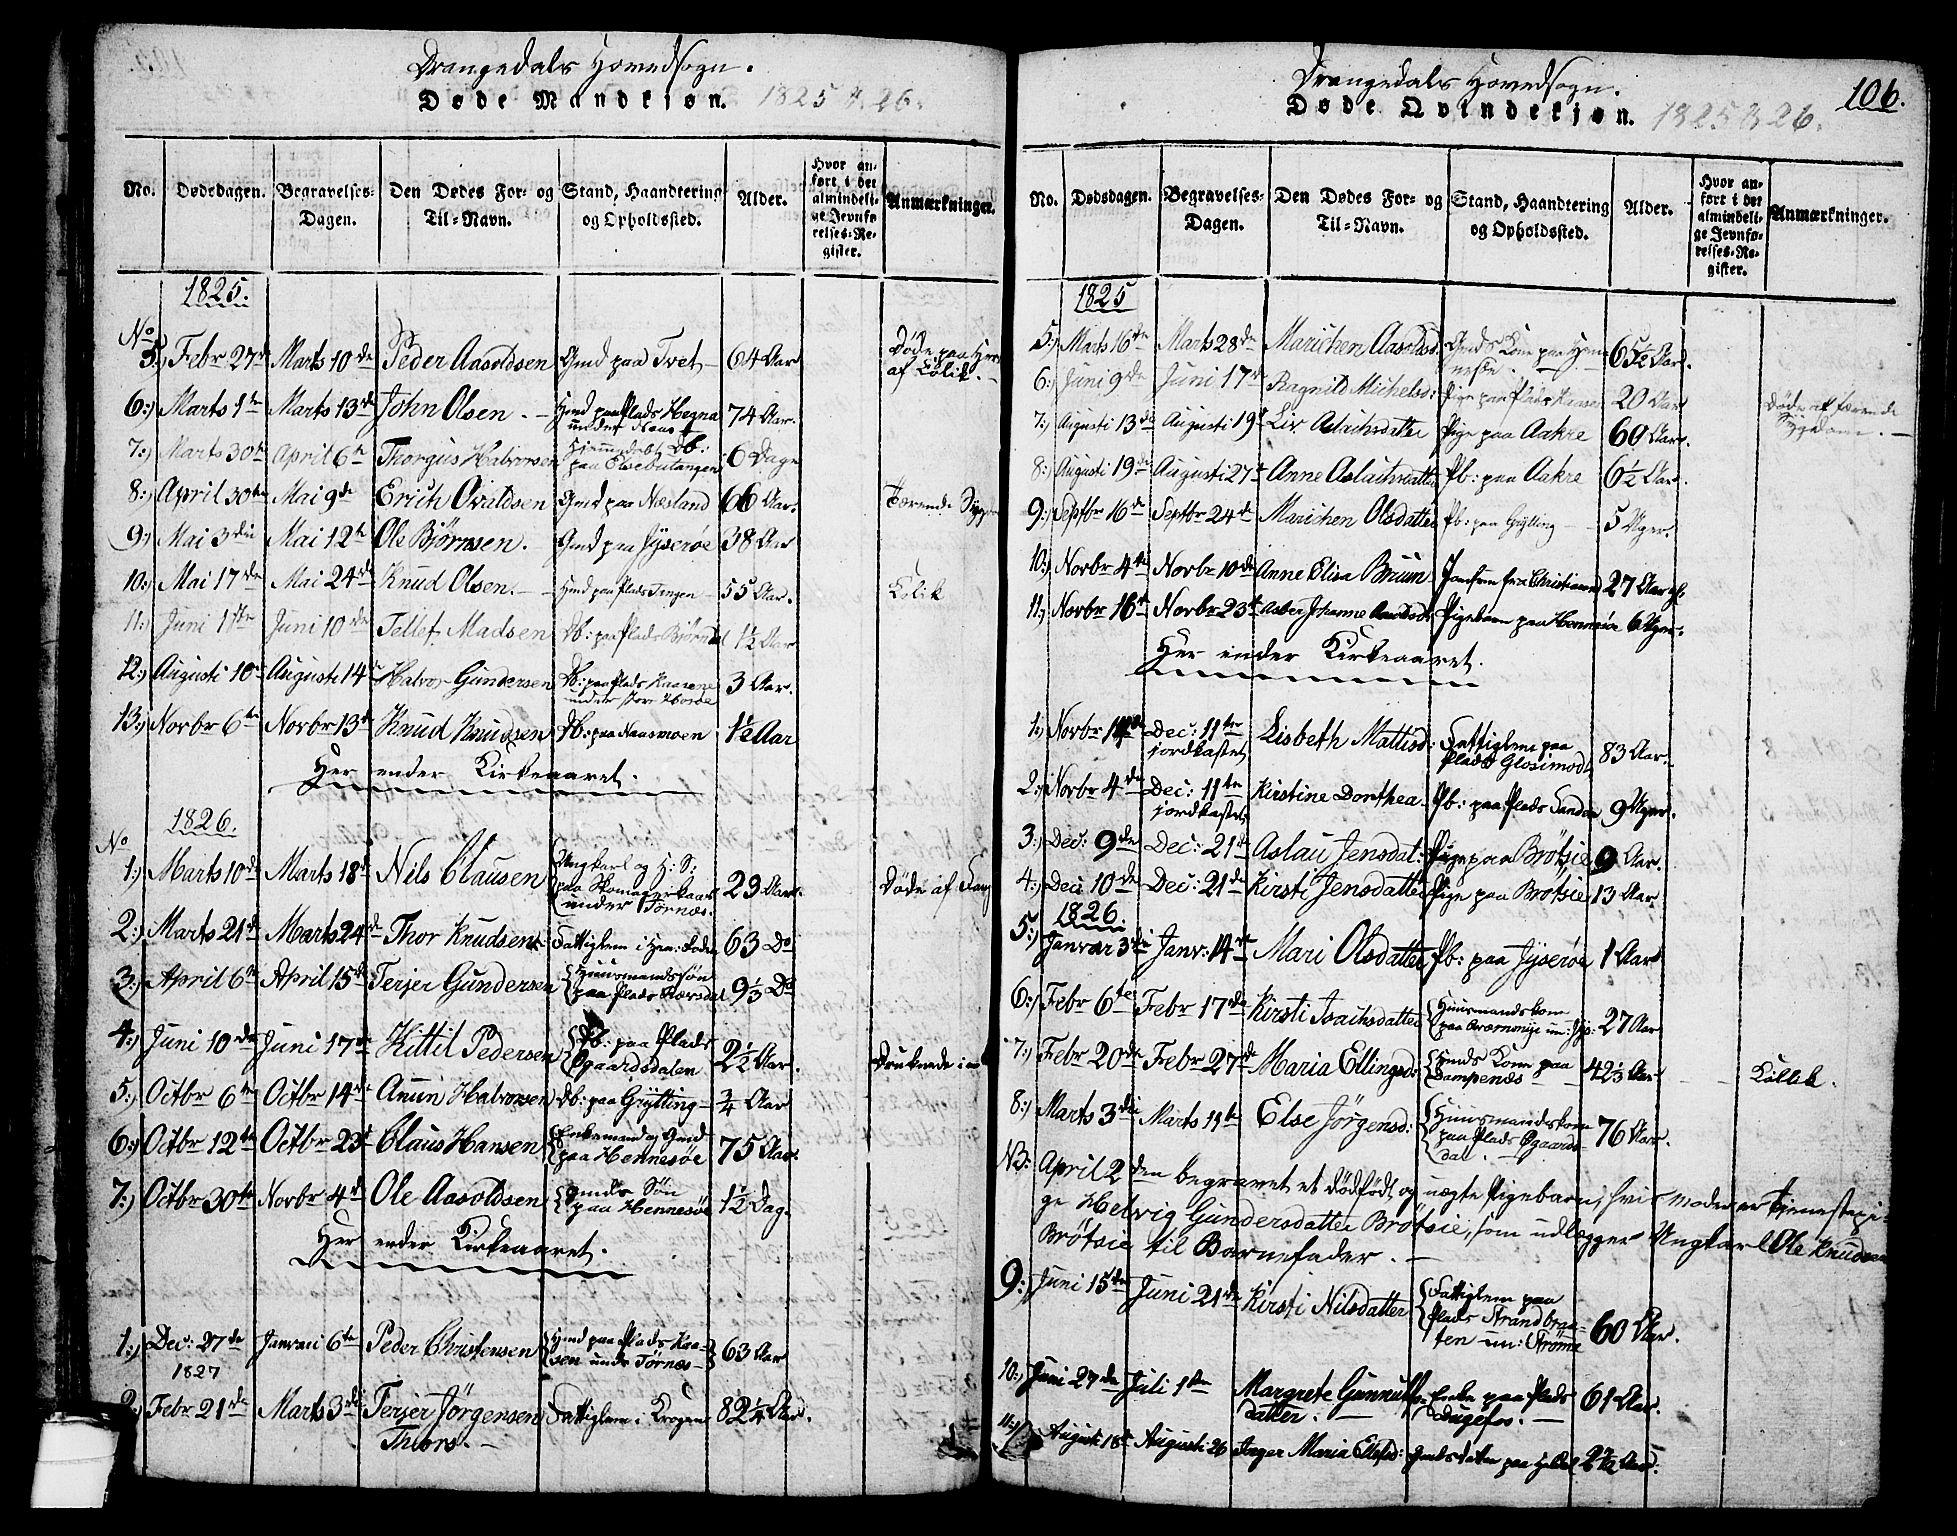 SAKO, Drangedal kirkebøker, G/Ga/L0001: Klokkerbok nr. I 1 /1, 1814-1856, s. 106